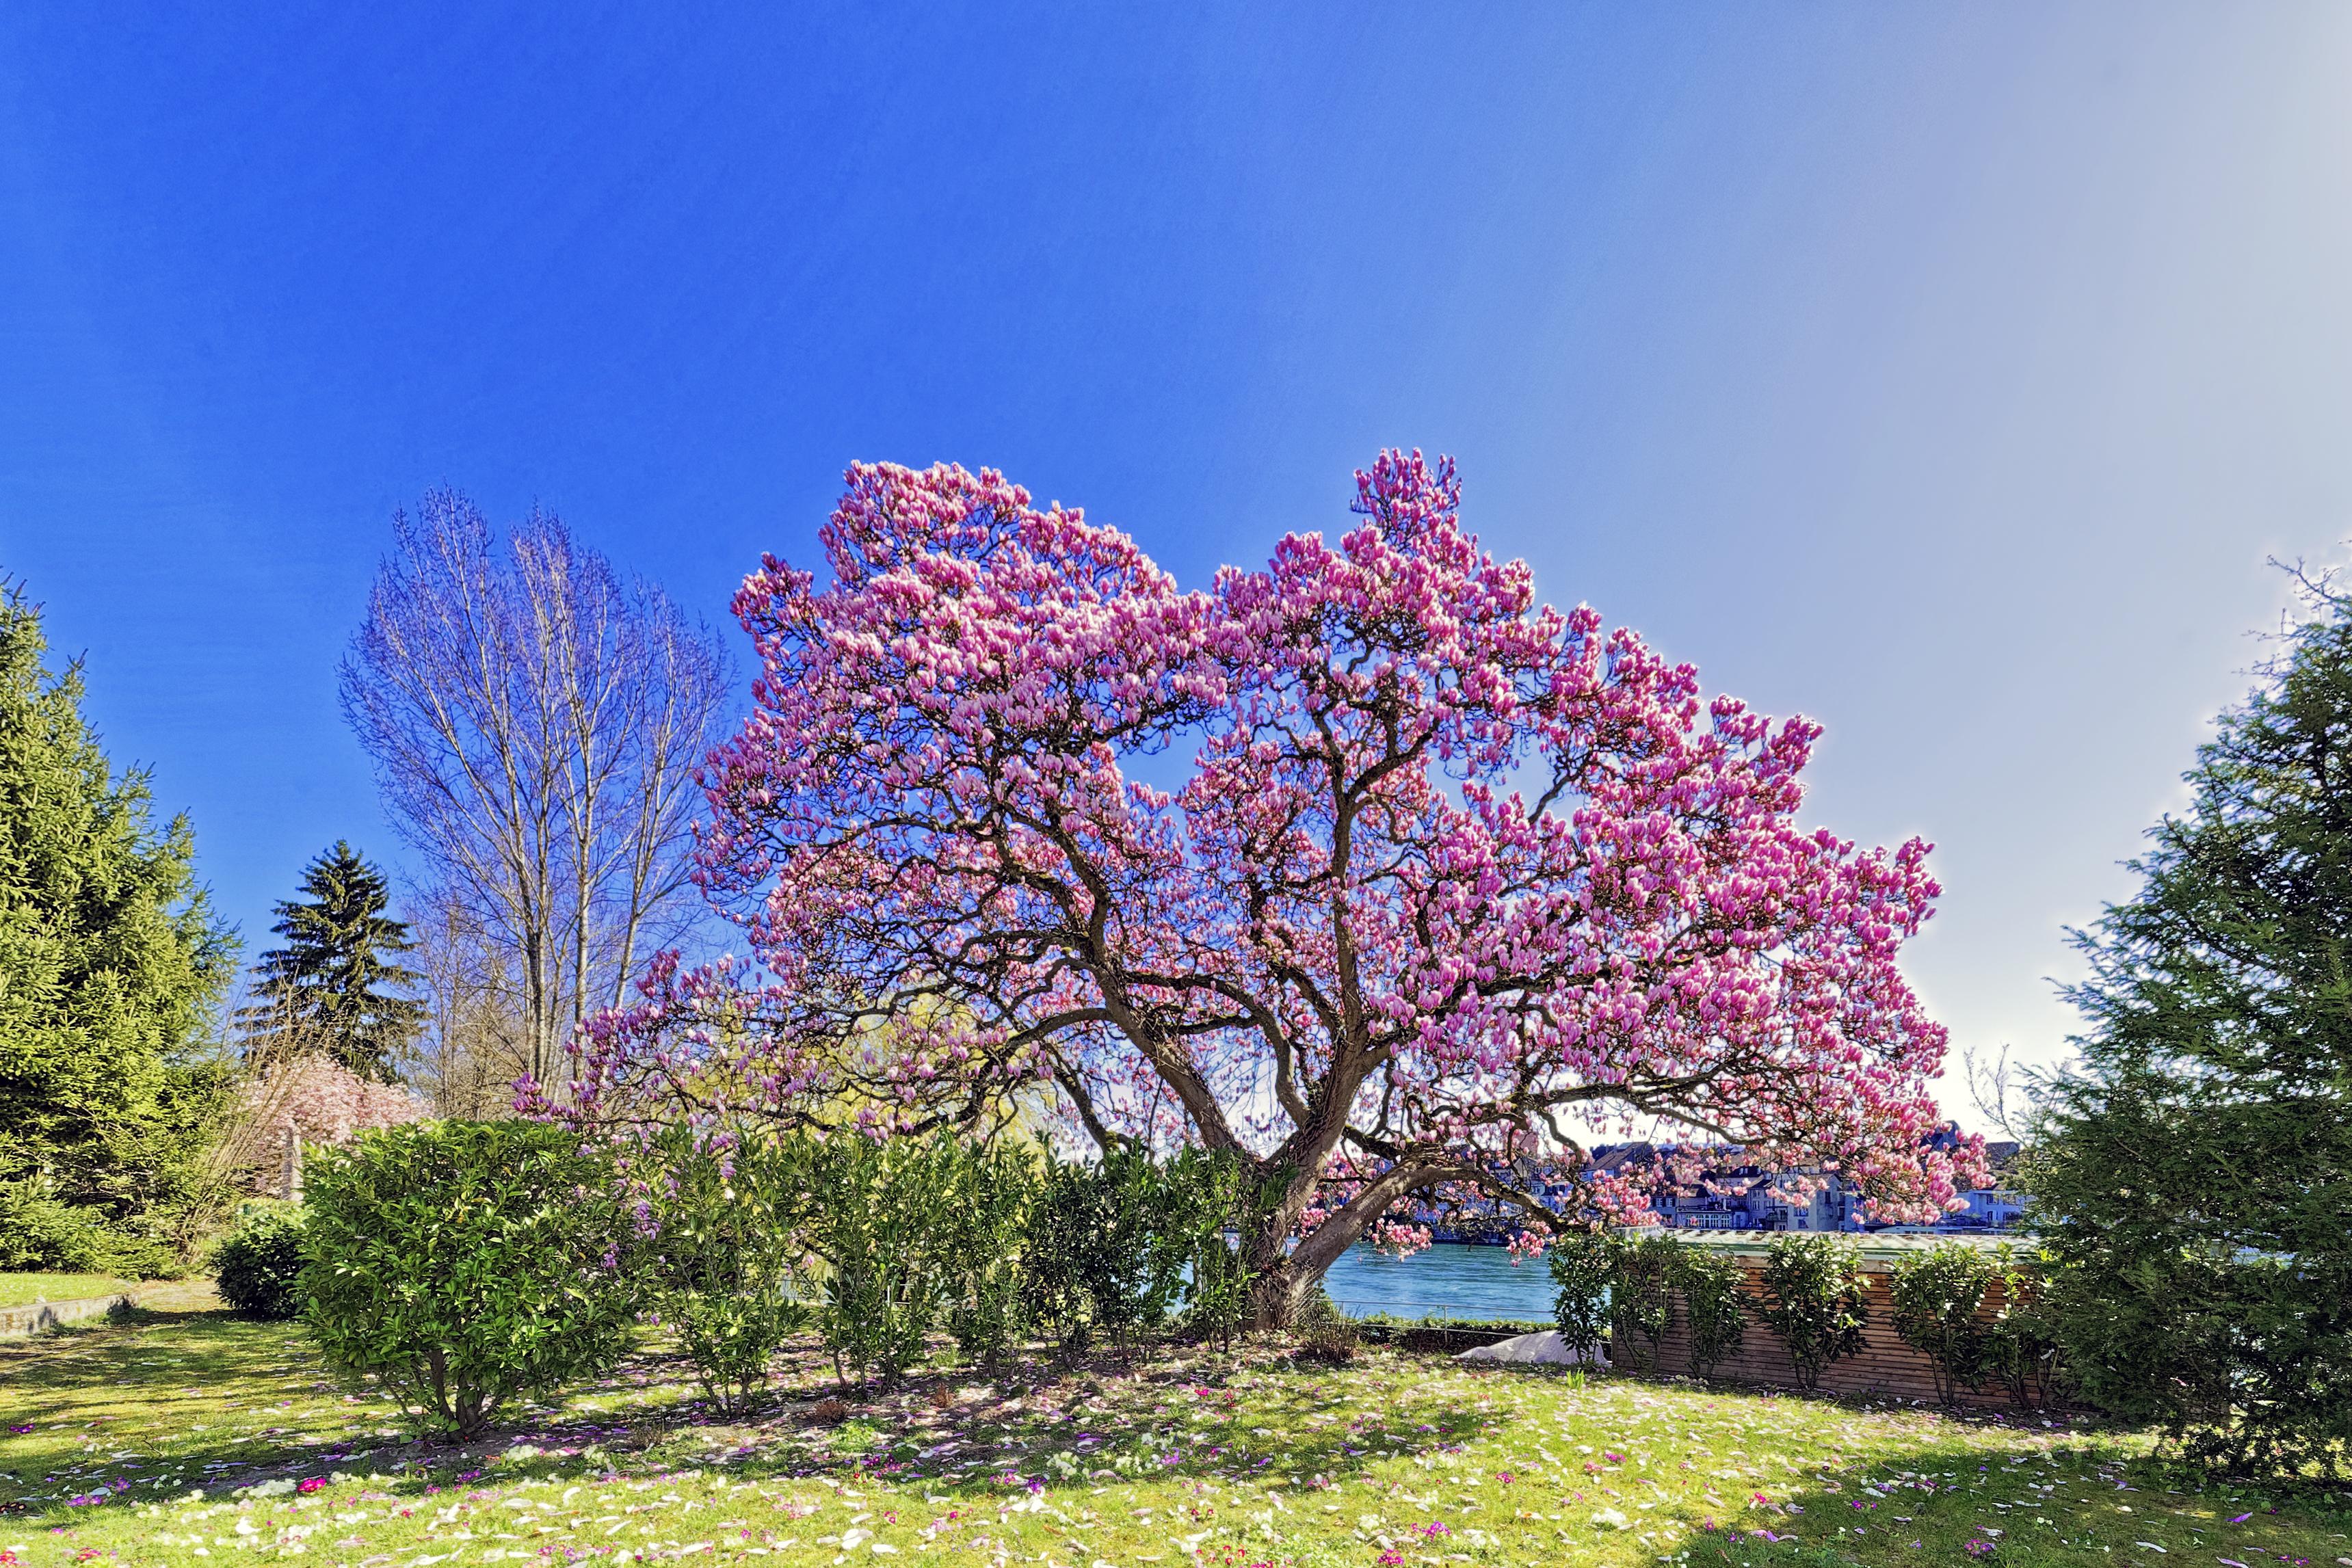 Magnolia magnifica